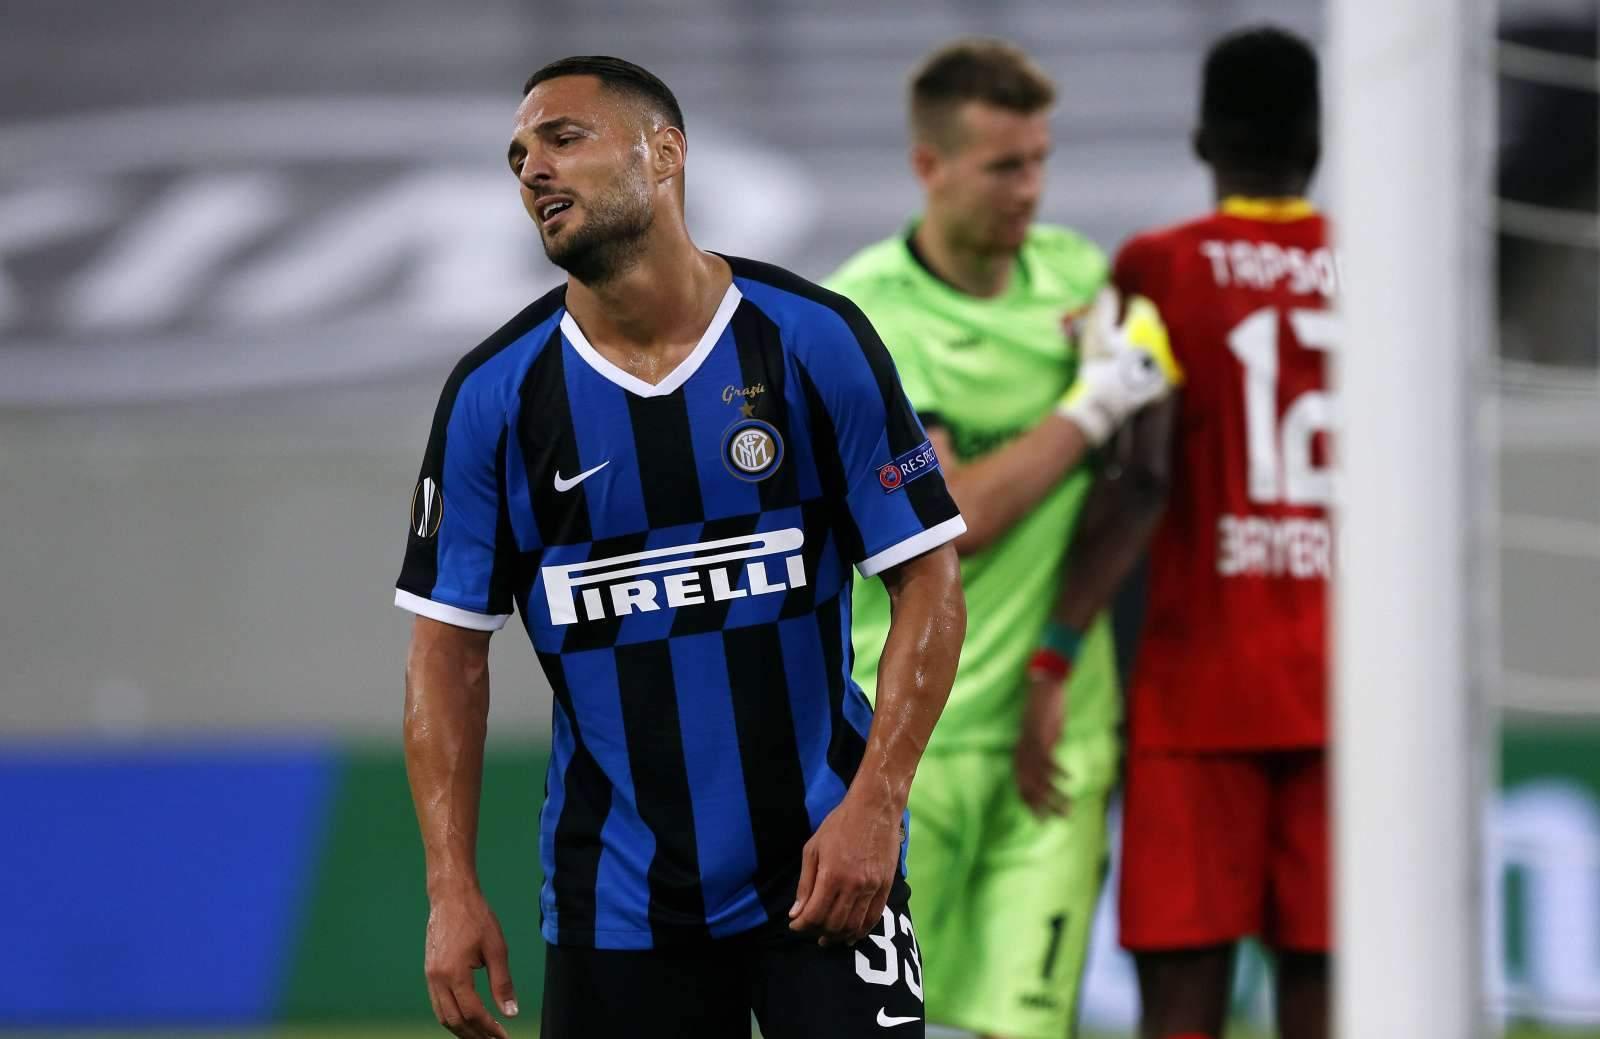 Д'Амброзио принял извинения Лериса за нанесенную травму: «Такое случается»